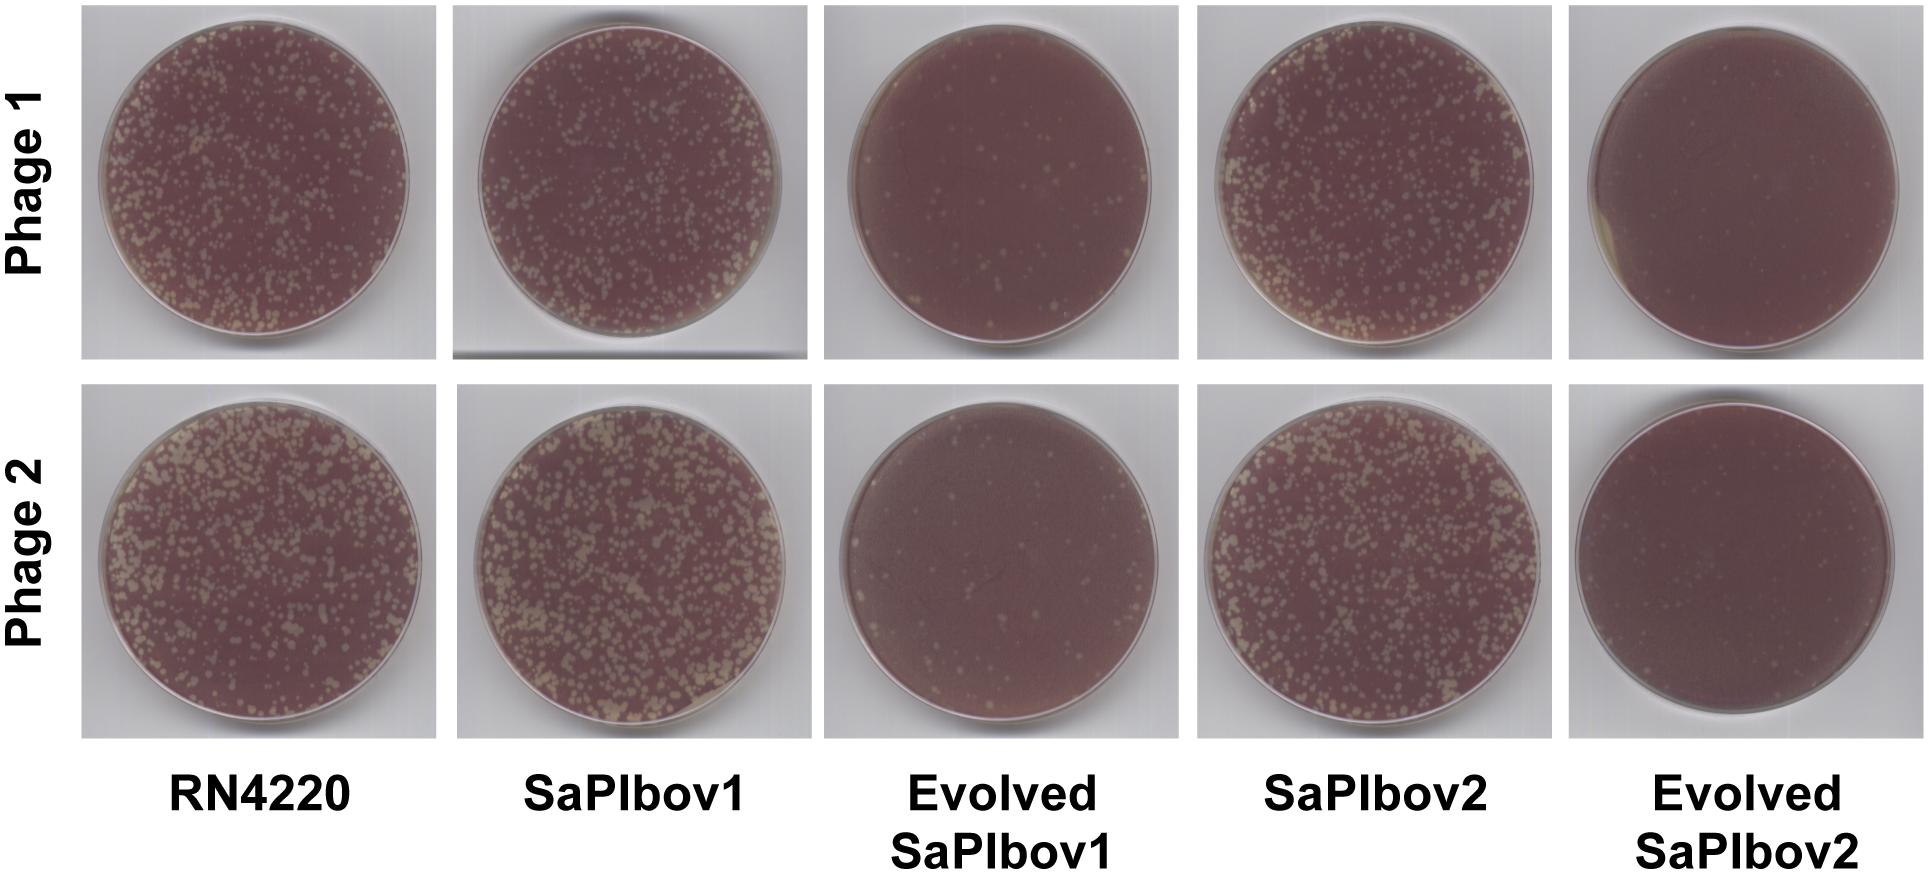 SaPI-driven phage evolution occurs <i>in vivo</i>.